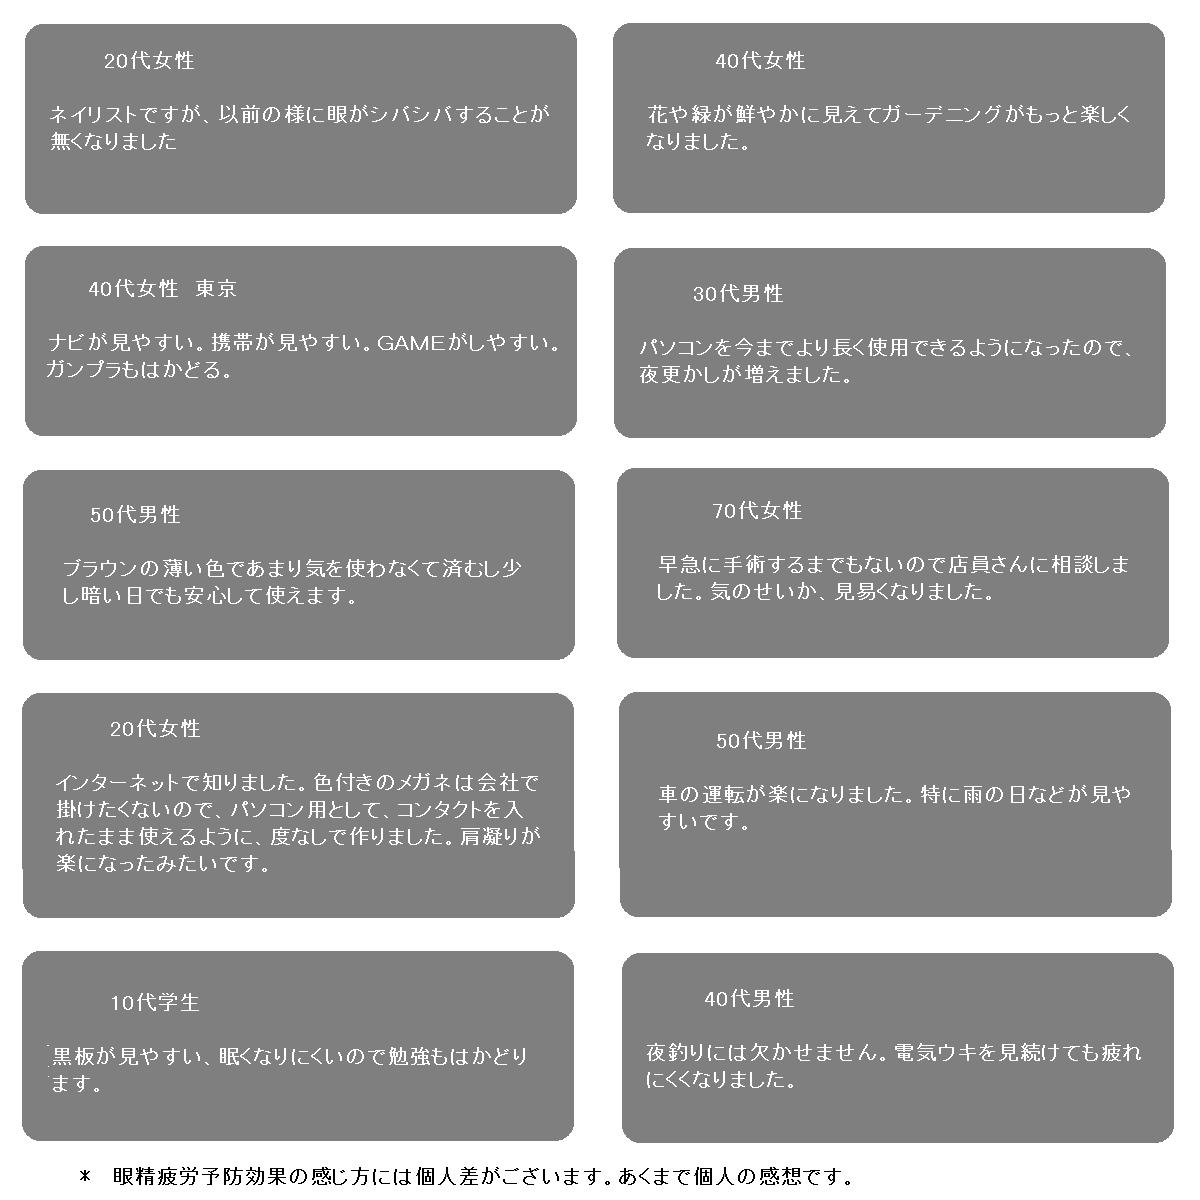 眼精疲労予防ネッツペックコートレンズ レイバン Ray Ban メガネ bui RX4323VF 2012 サイズ51 伊達メガwnOP8k0